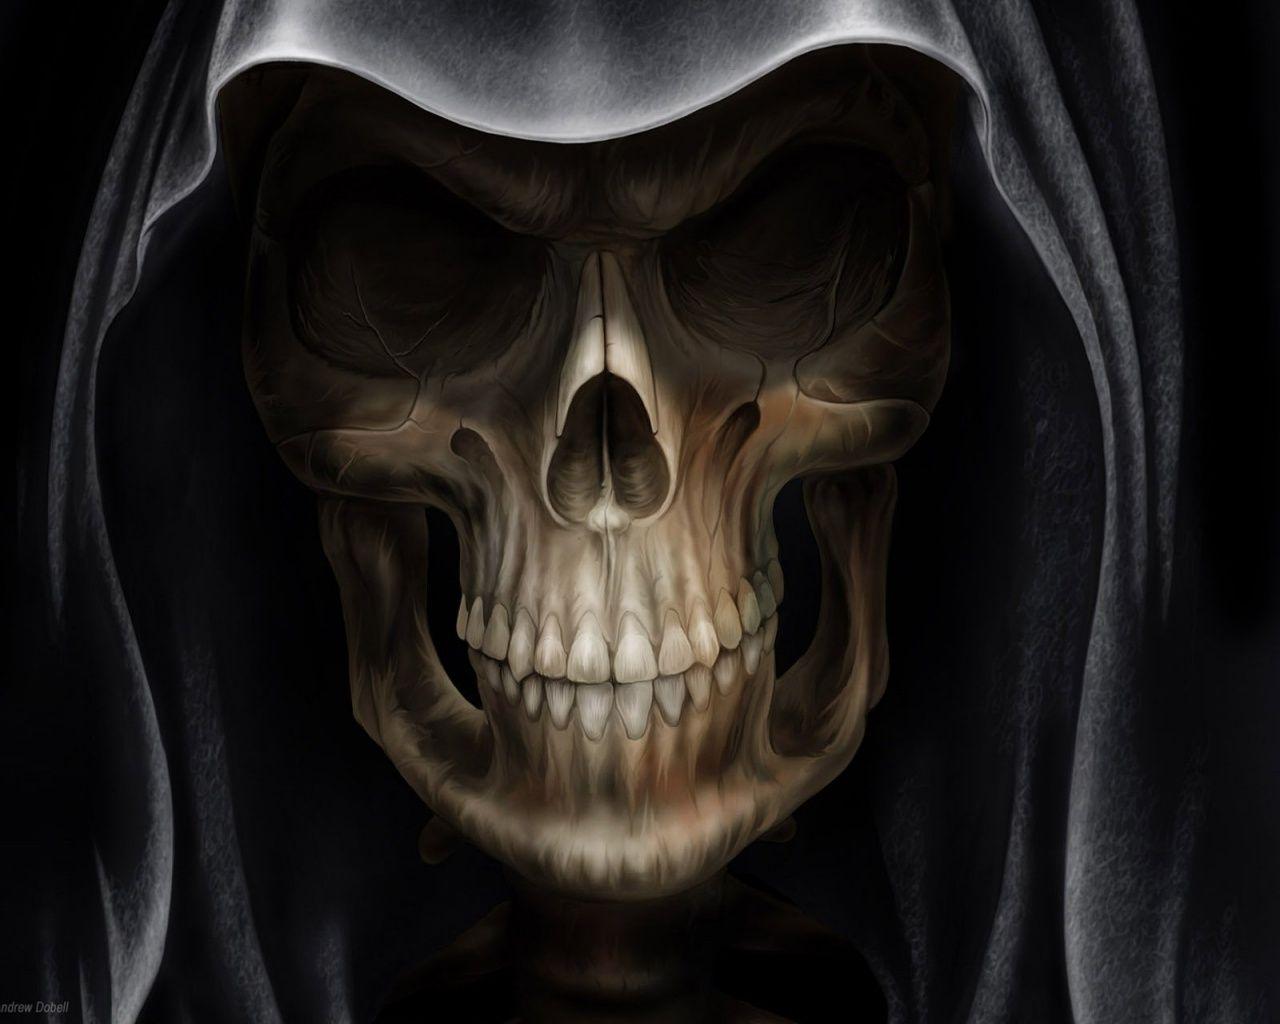 Scary Skull Tattoos | Download Scary Skulls wallpaper ...  Scary Skull Tat...